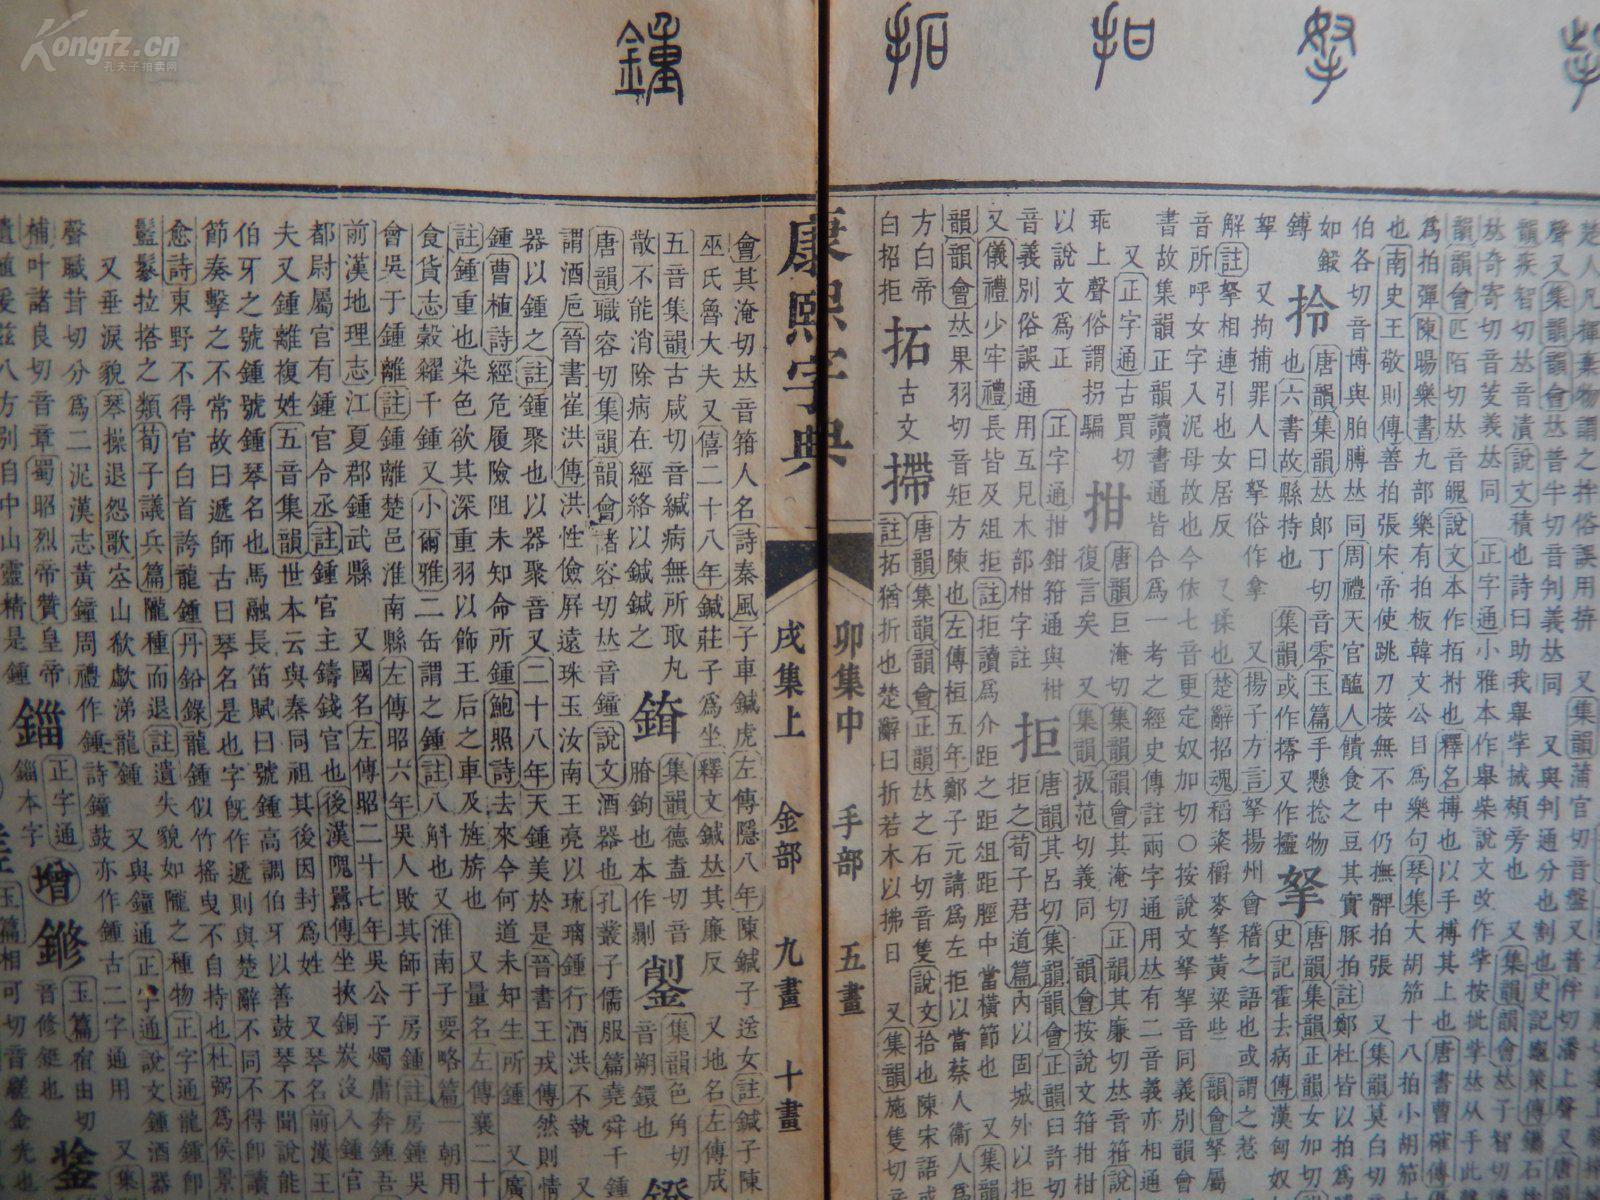 12画的汉字 康熙字典中笔画是12的汉字大全共640个 按五行分 简体字